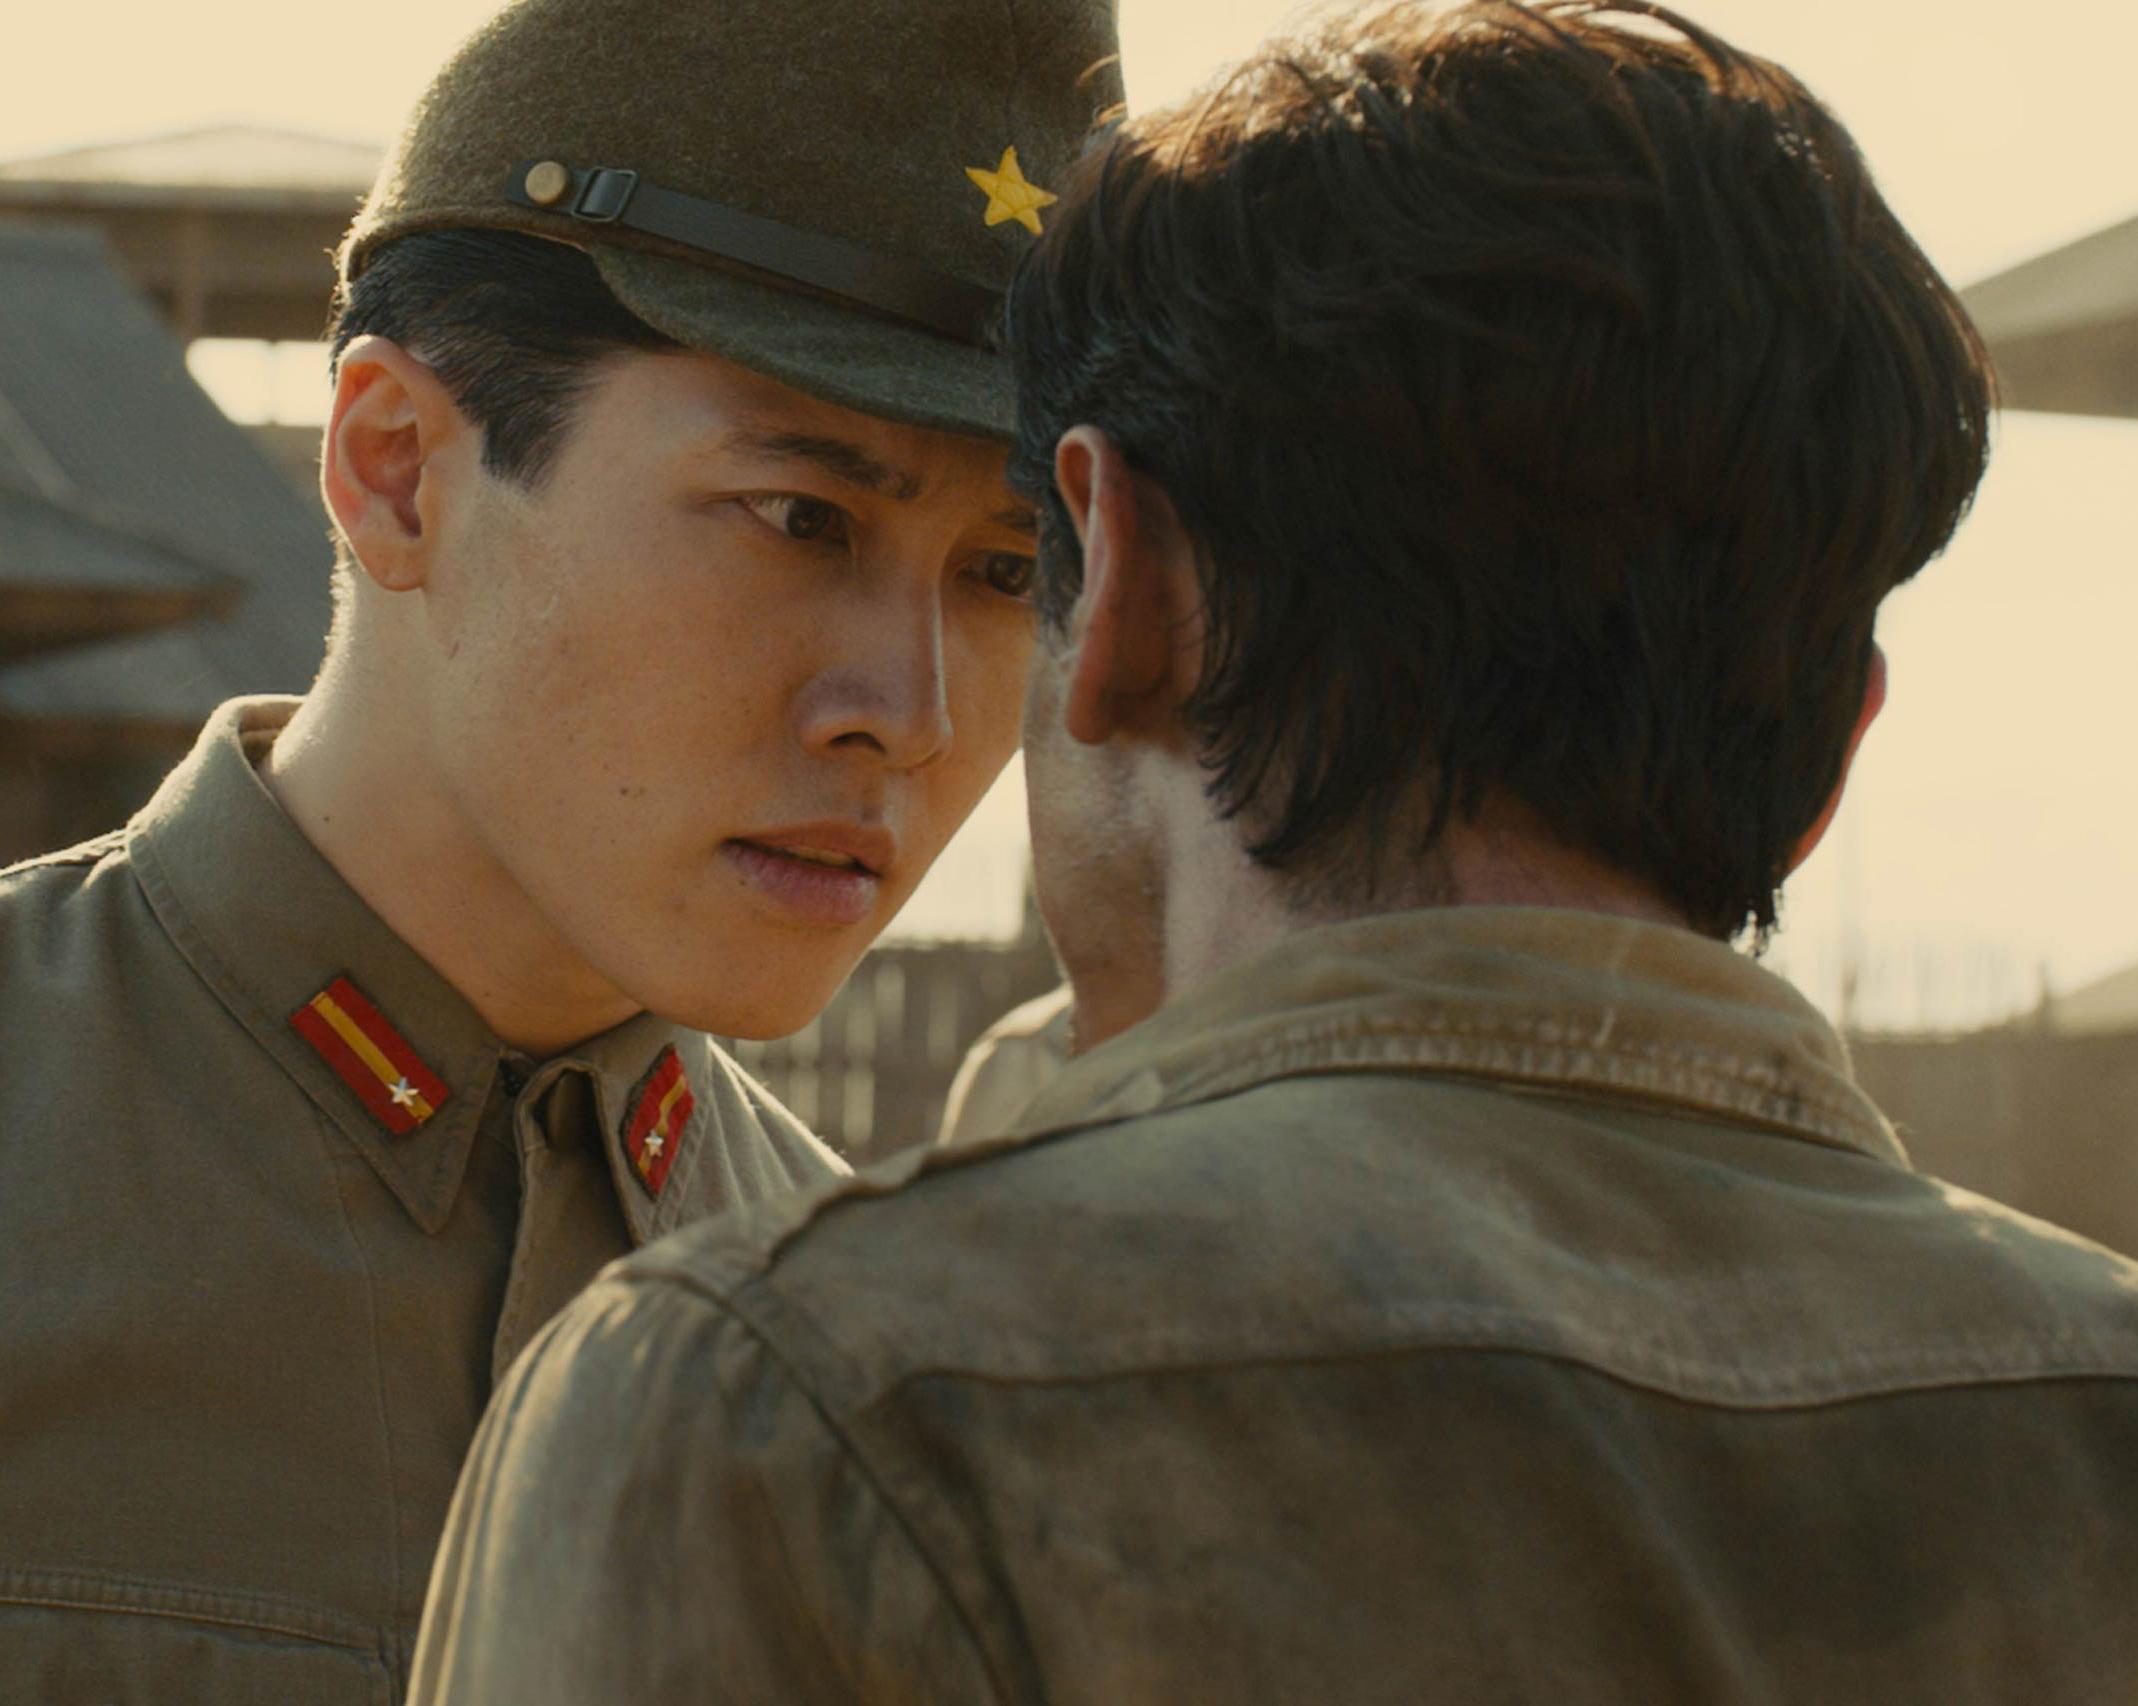 『不屈の男 アンブロークン』昔の日本のアニメをみるような戦争映画